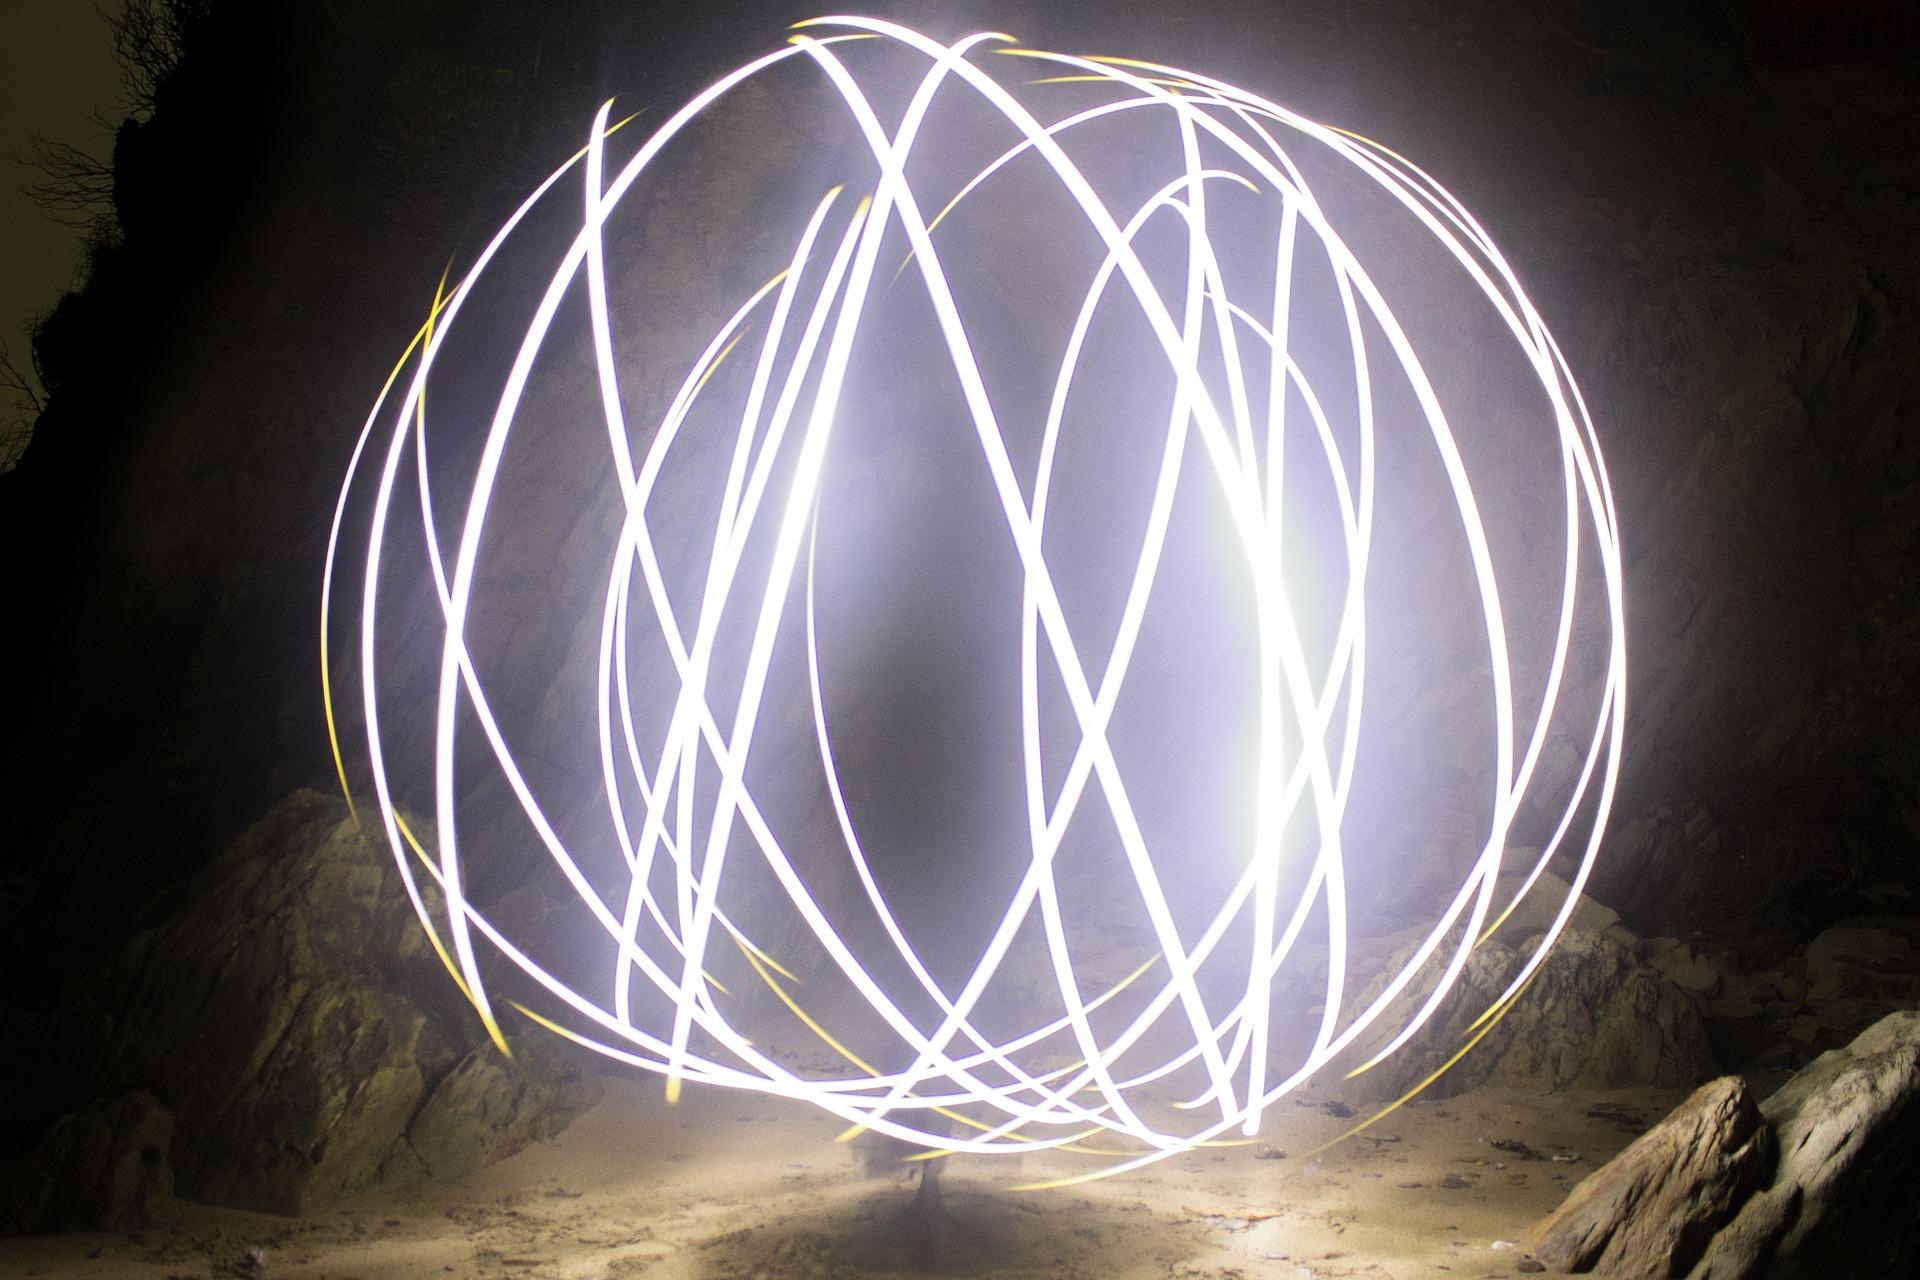 light-1272254_1920.jpg